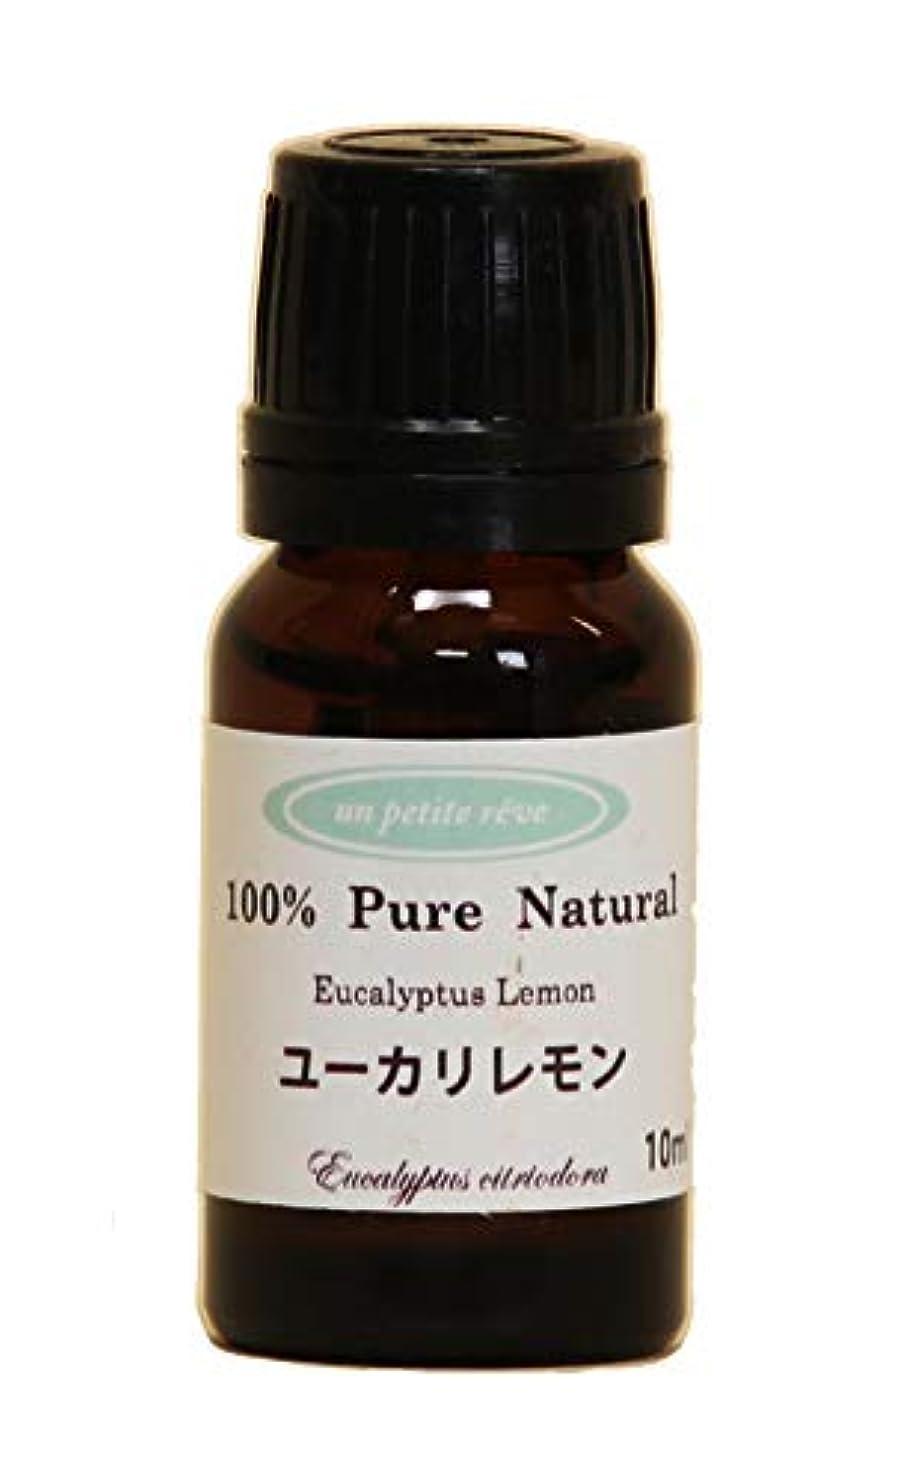 疑い者シンジケート膜ユーカリレモン 10ml 100%天然アロマエッセンシャルオイル(精油)